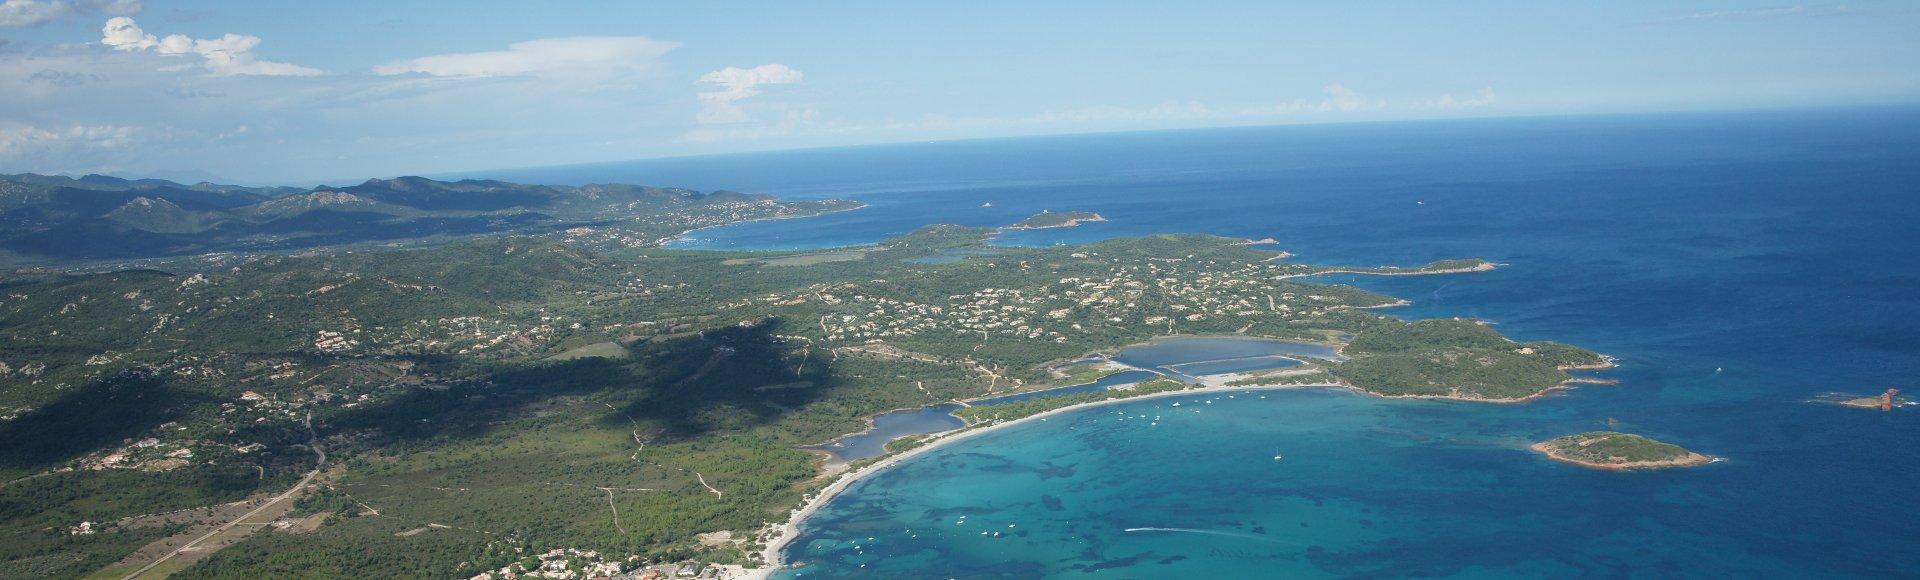 Accostez sur l'île de Beauté...